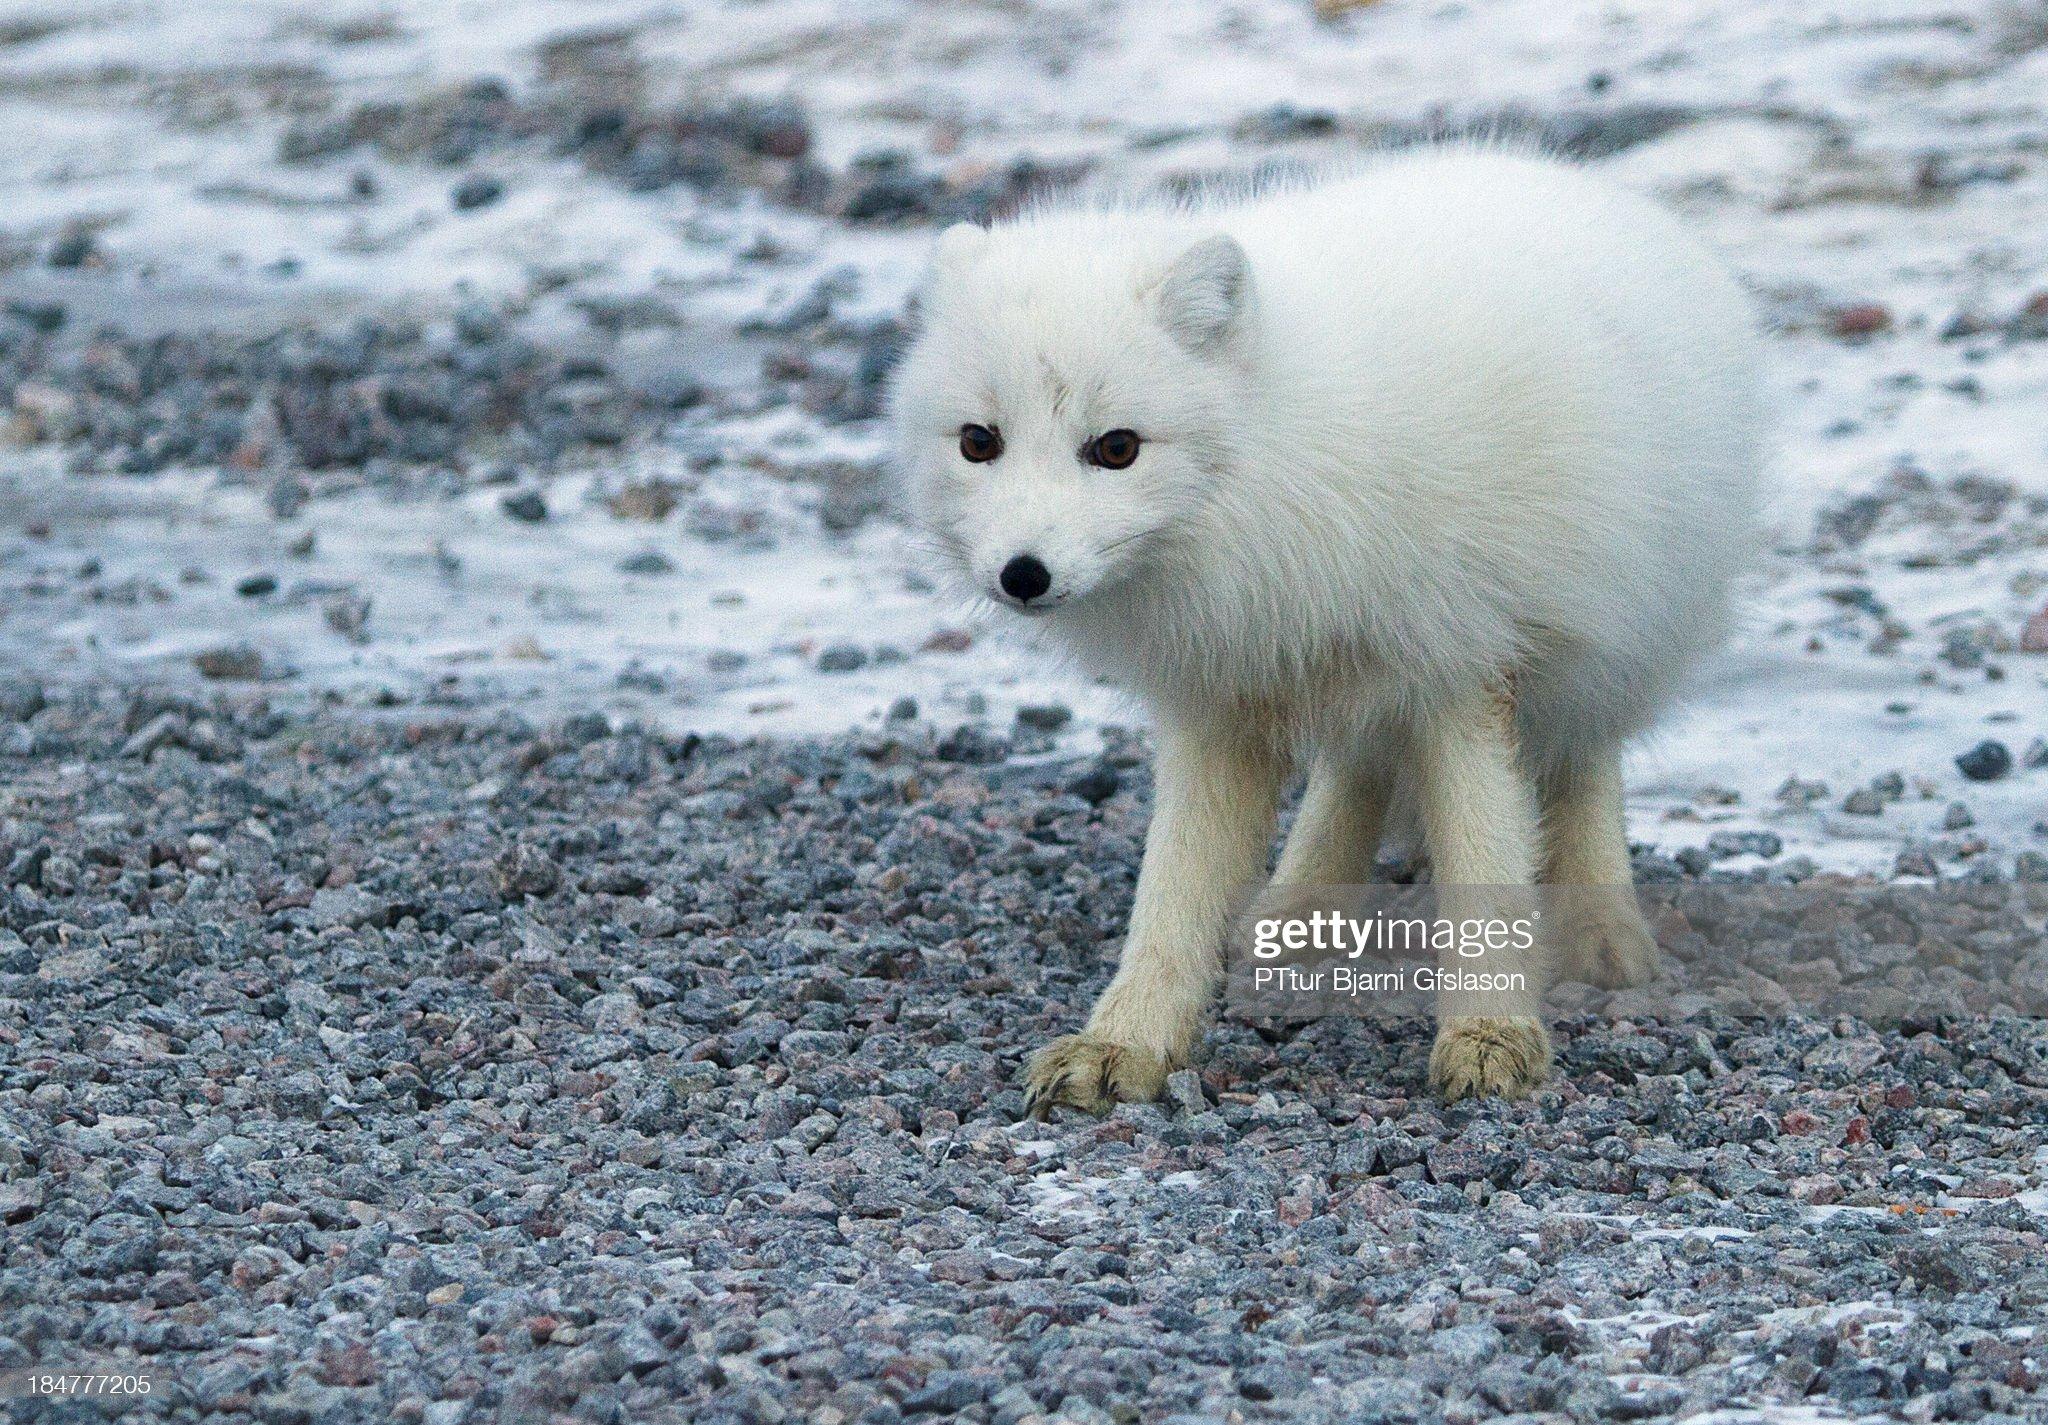 White fox in Greenland : Foto di attualità